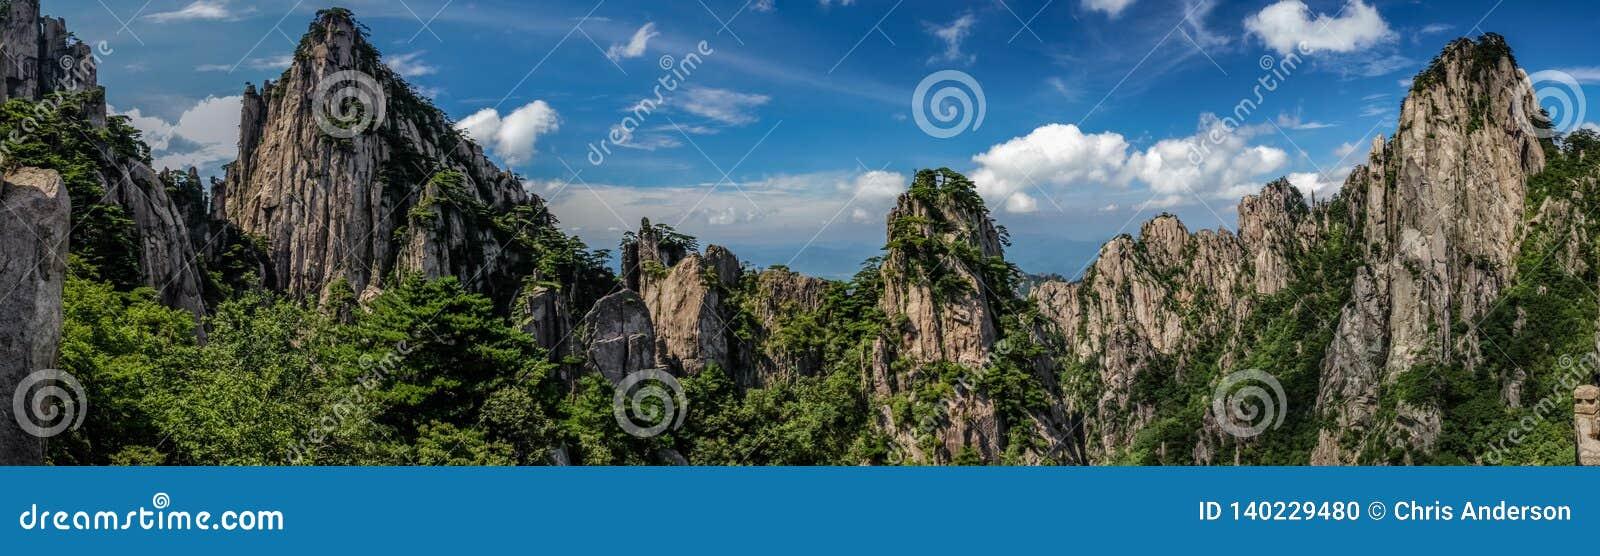 Le panorama des crêtes rocheuses et les vieux pins couvrent les montagnes sous un ciel bleu lumineux de nuages whispy à Huangshan